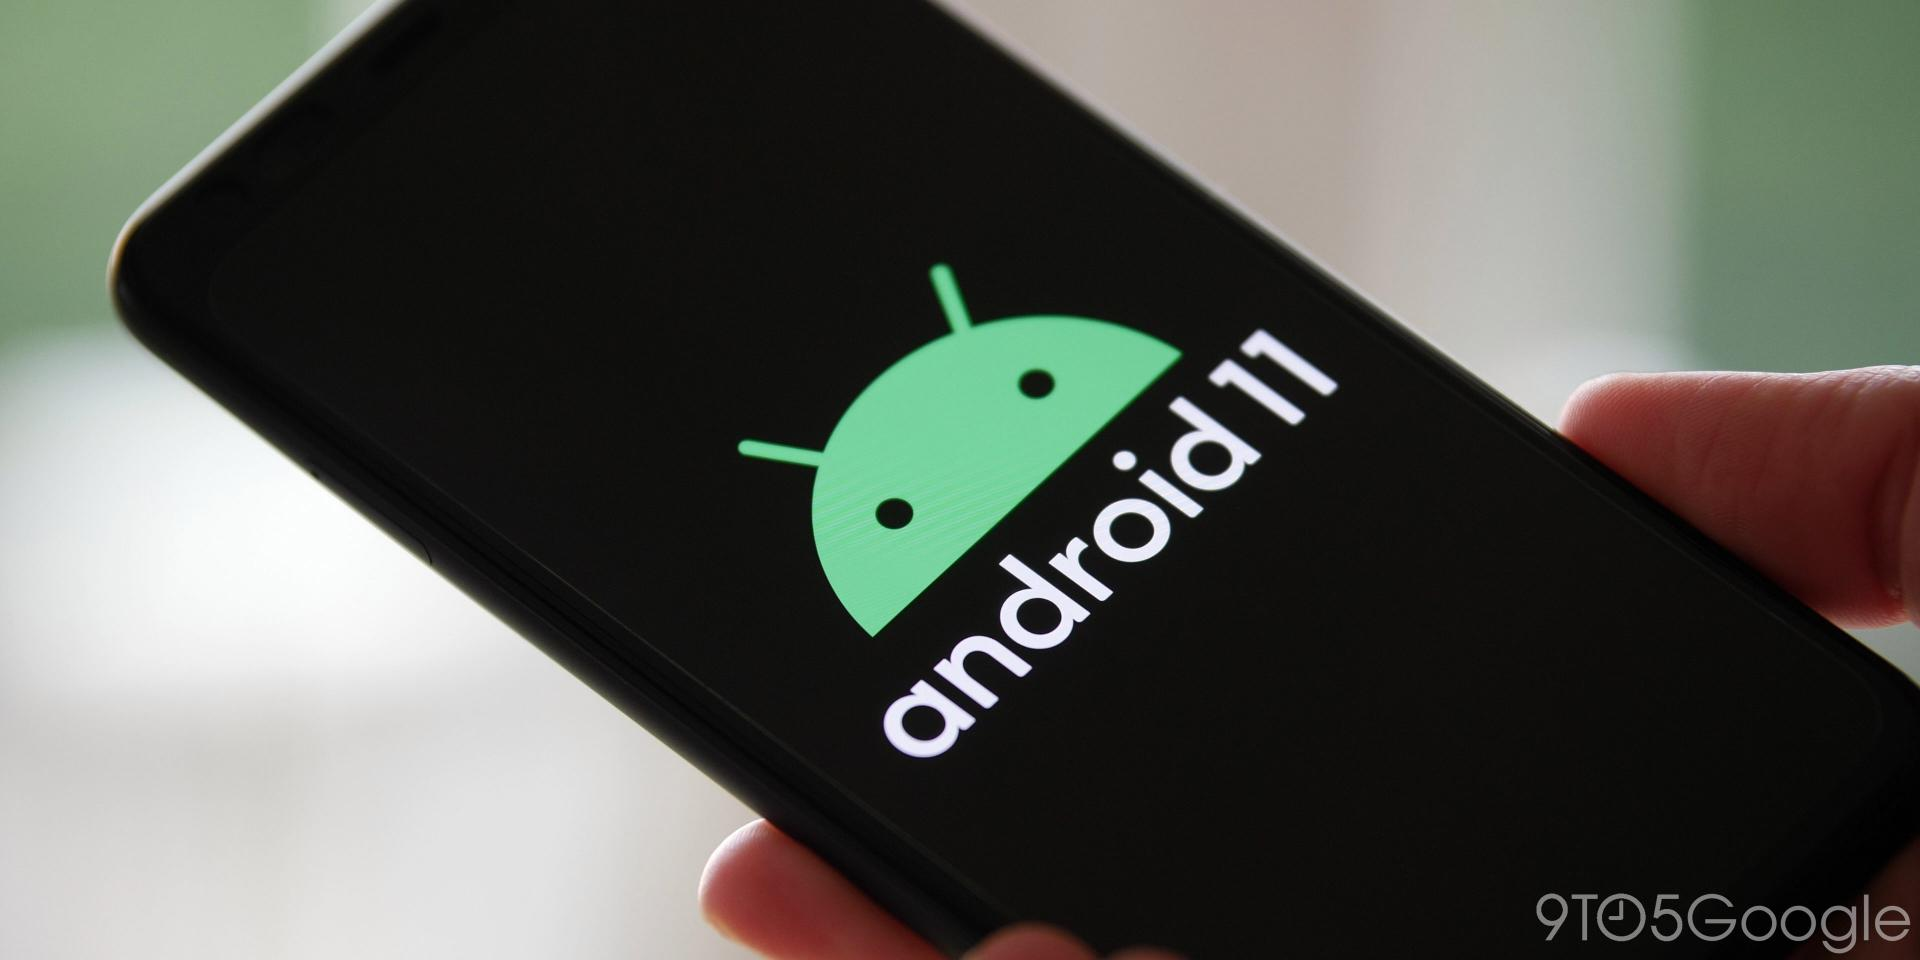 Какие смартфоны Huawei иHonorточно получат Android 11? Список подтверждённых